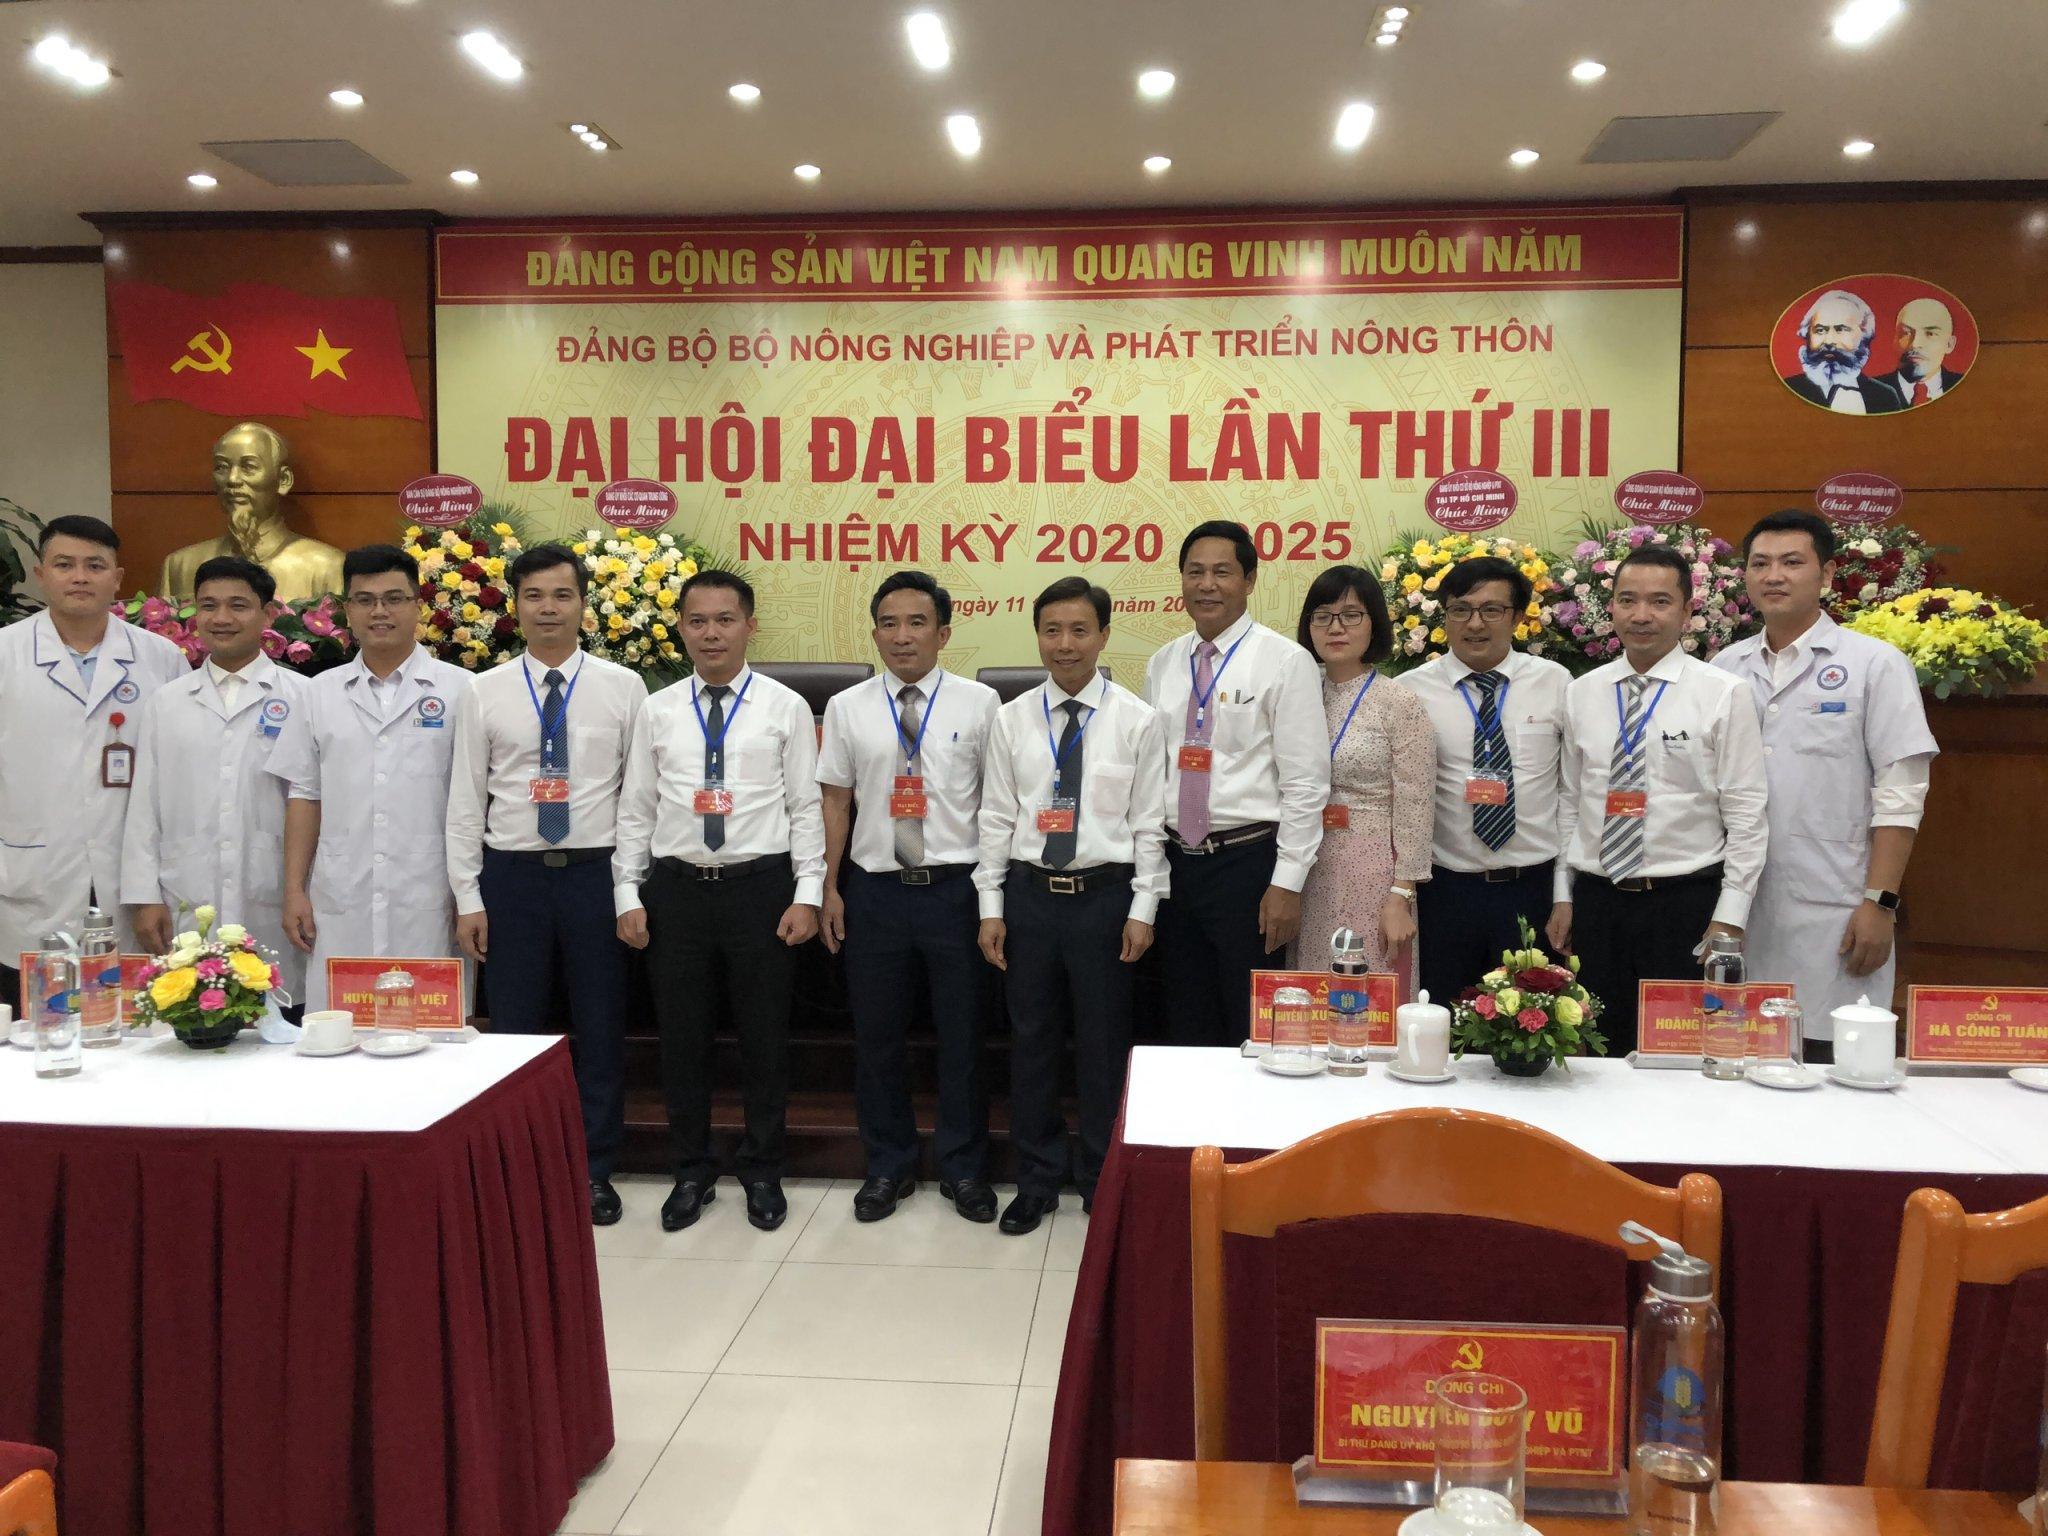 Đoàn Đại biểu Đảng bộ Bệnh viện dự Đại hội Đảng bộ Bộ Nông nghiệp và PTNT lần thứ III, nhiệm kỳ 2020-2025